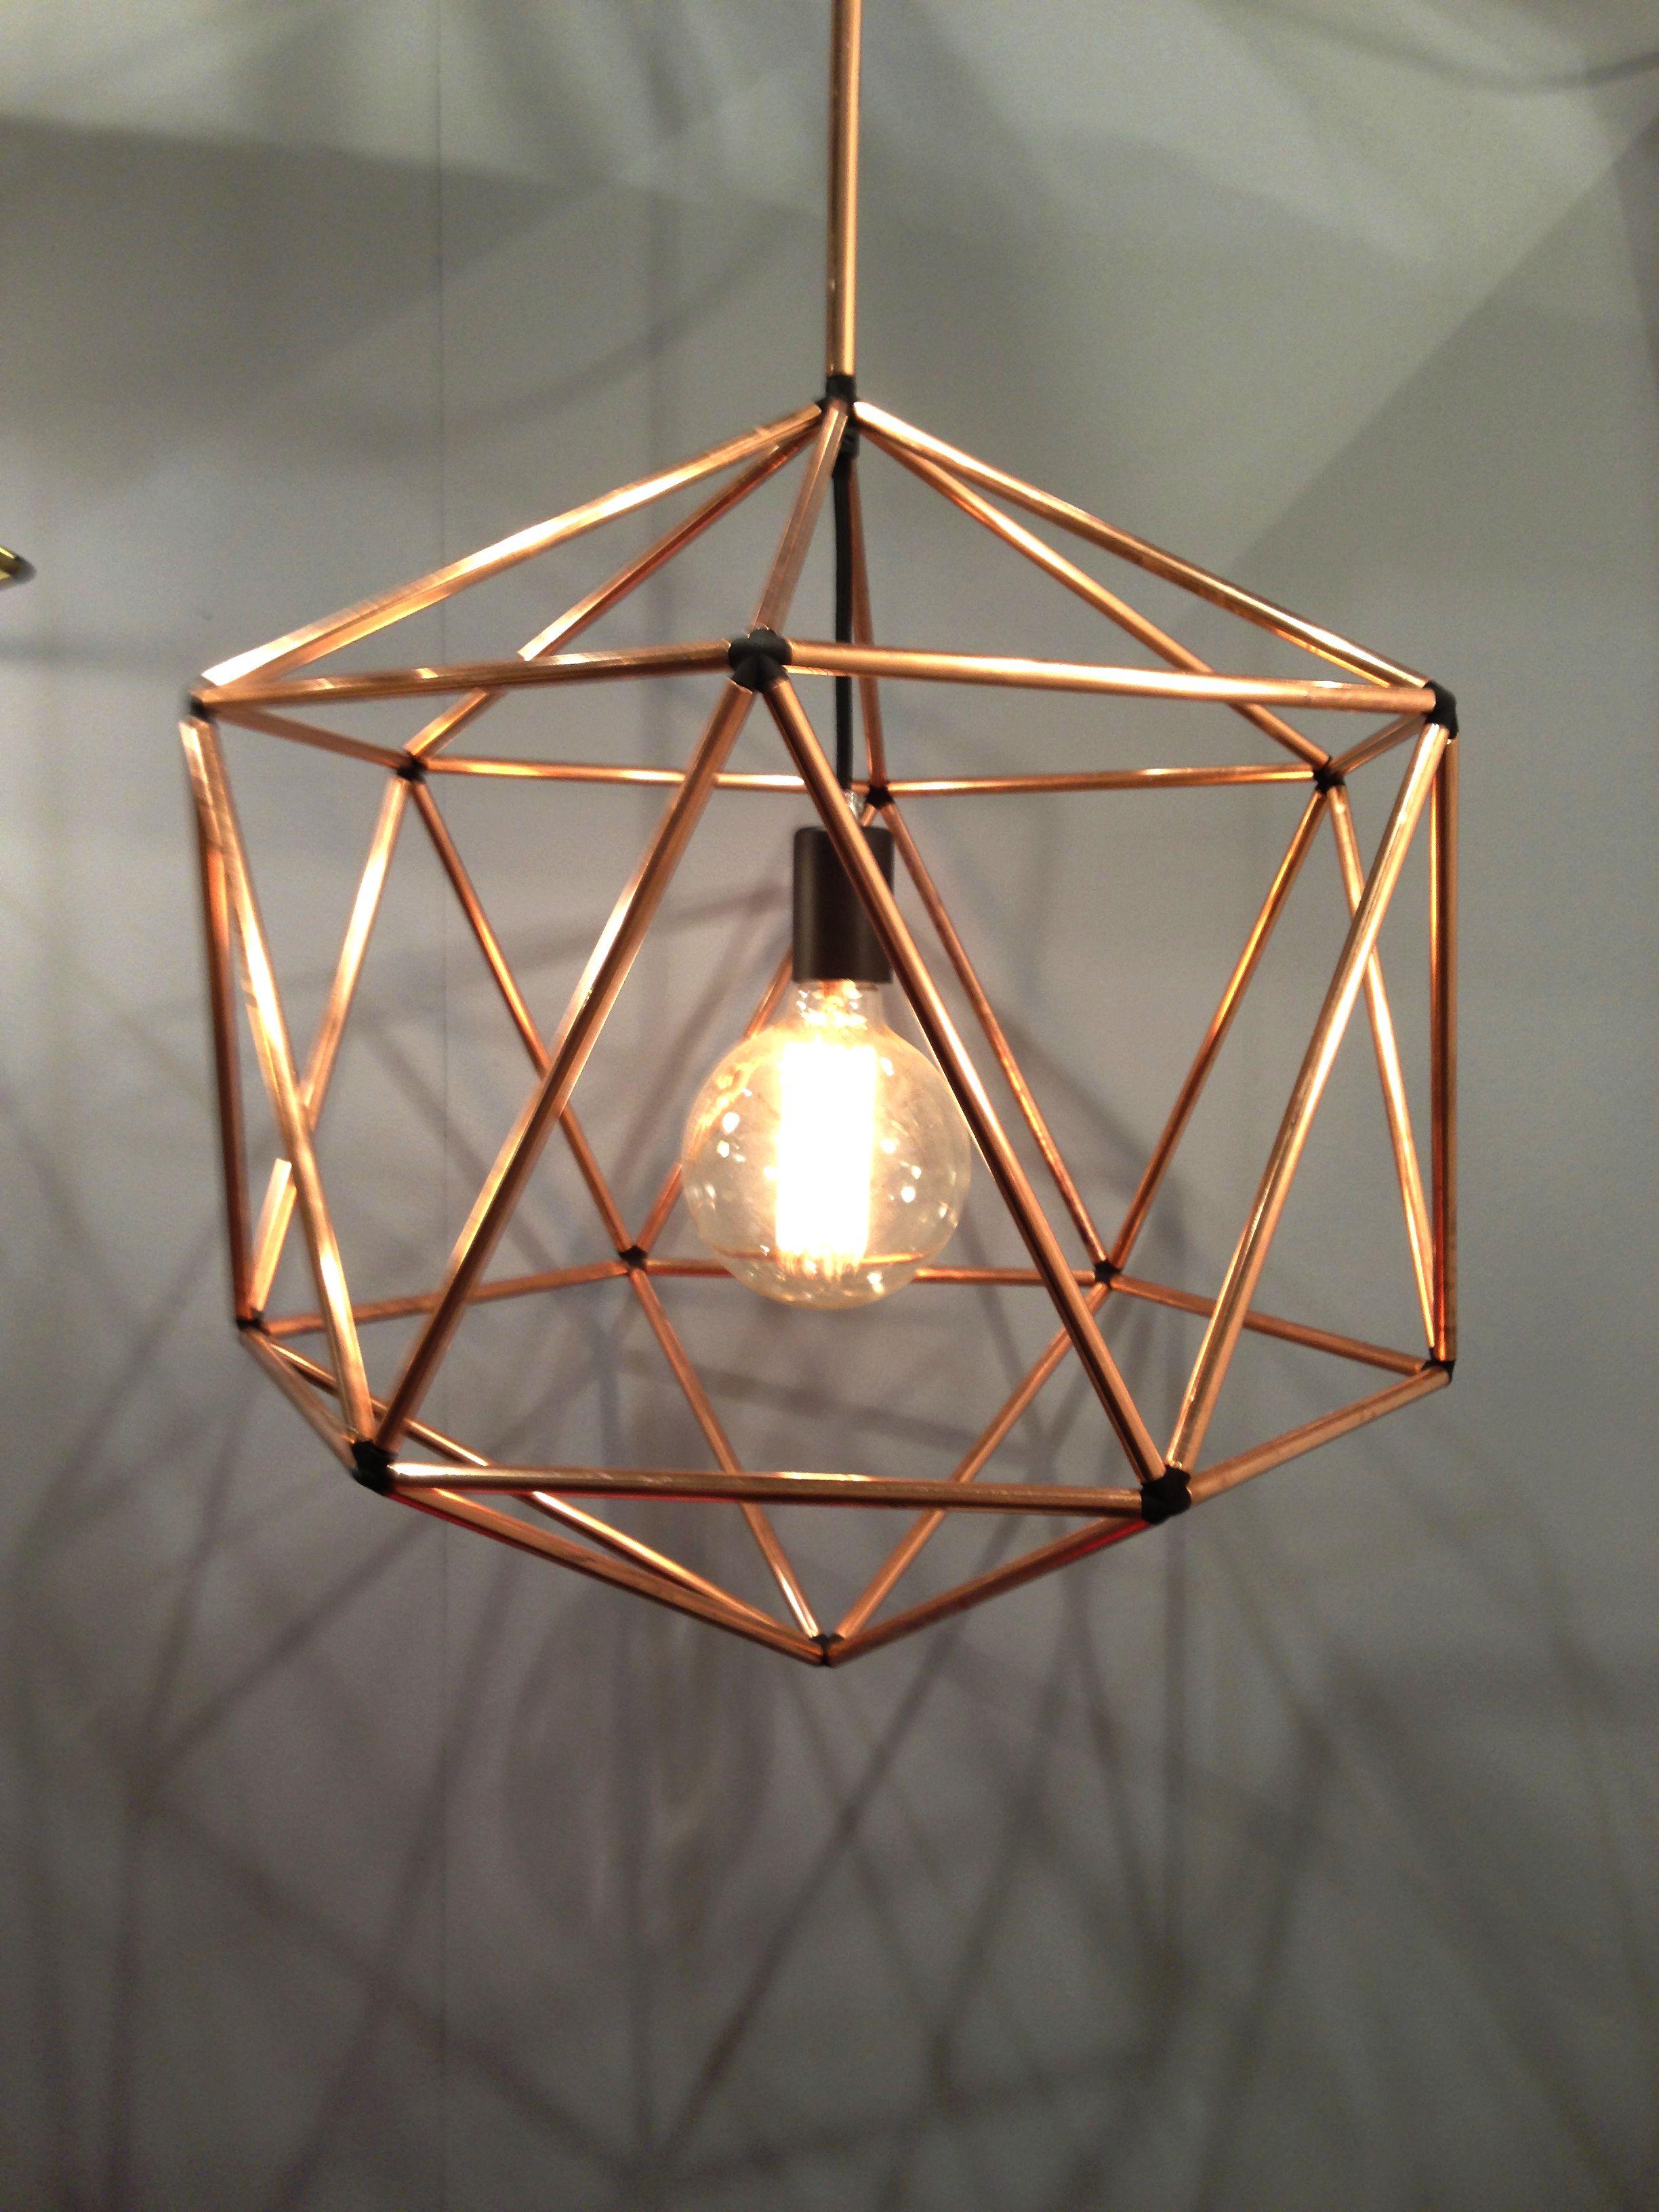 Pendant lighting pinterest : Copper pendant light by ben tovim design states